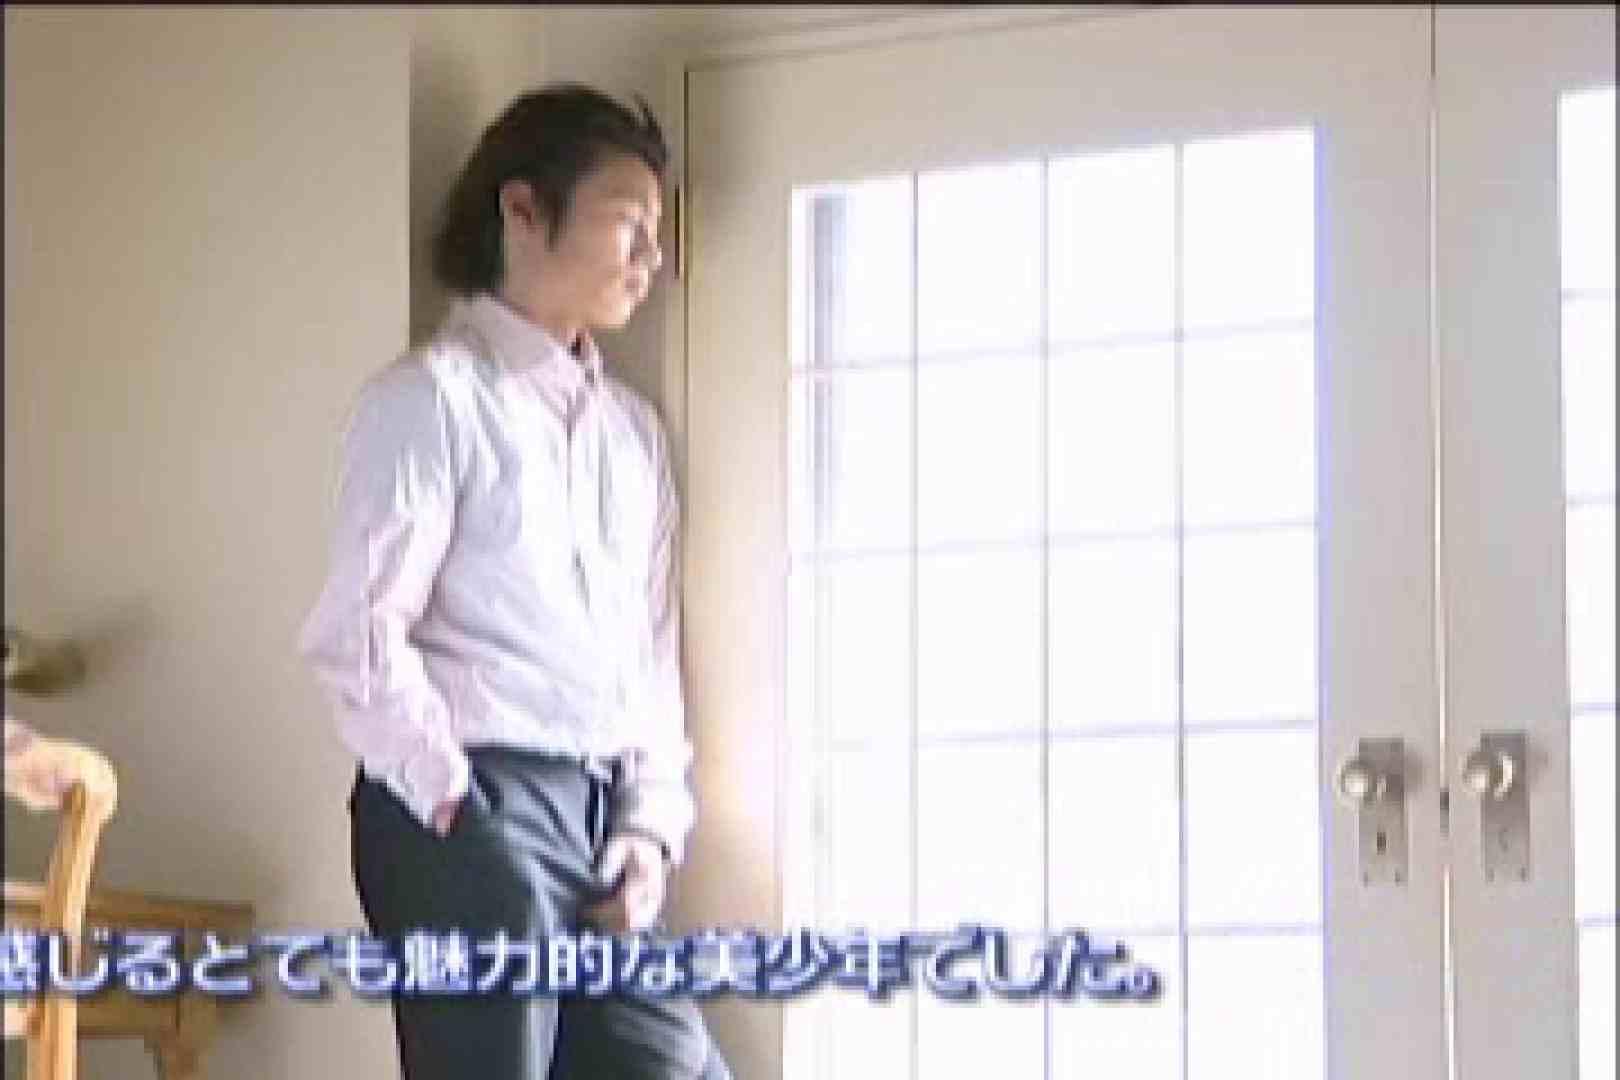 イケメン☆パラダイス〜男ざかりの君たちへ〜vol.17 アナル特集 ゲイ無修正ビデオ画像 116枚 47